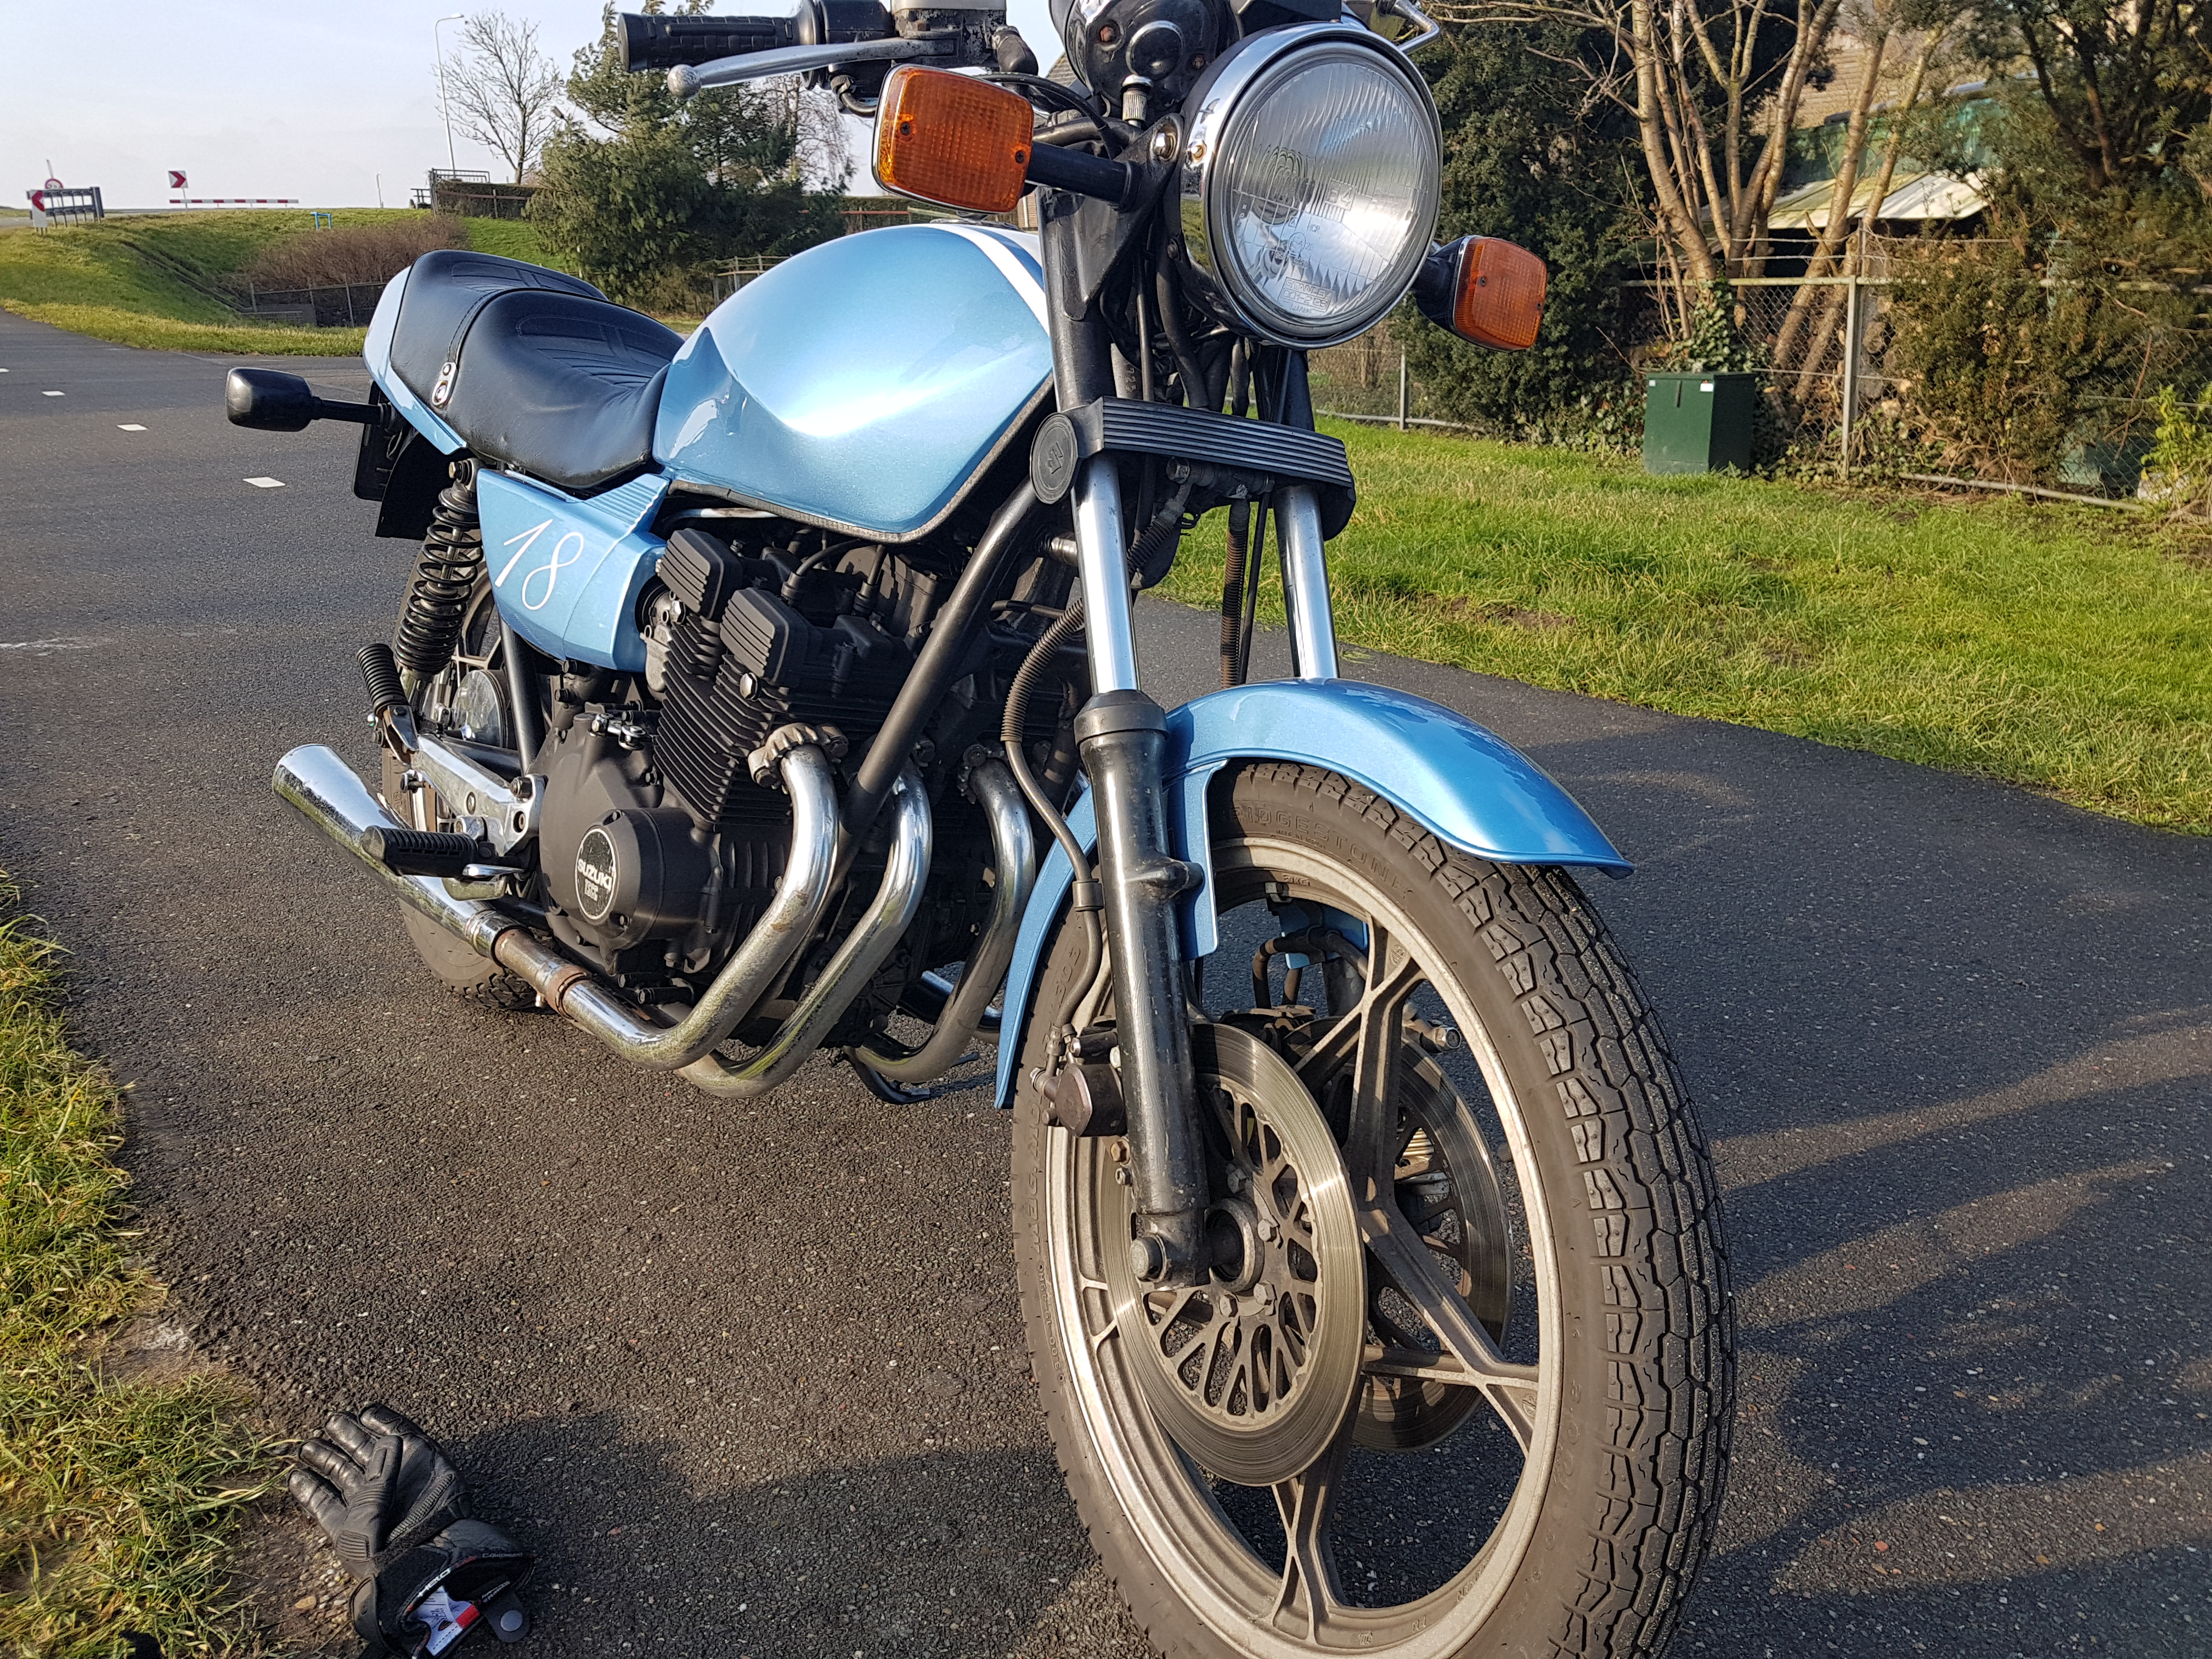 Suzuki_GSX_400F_1983